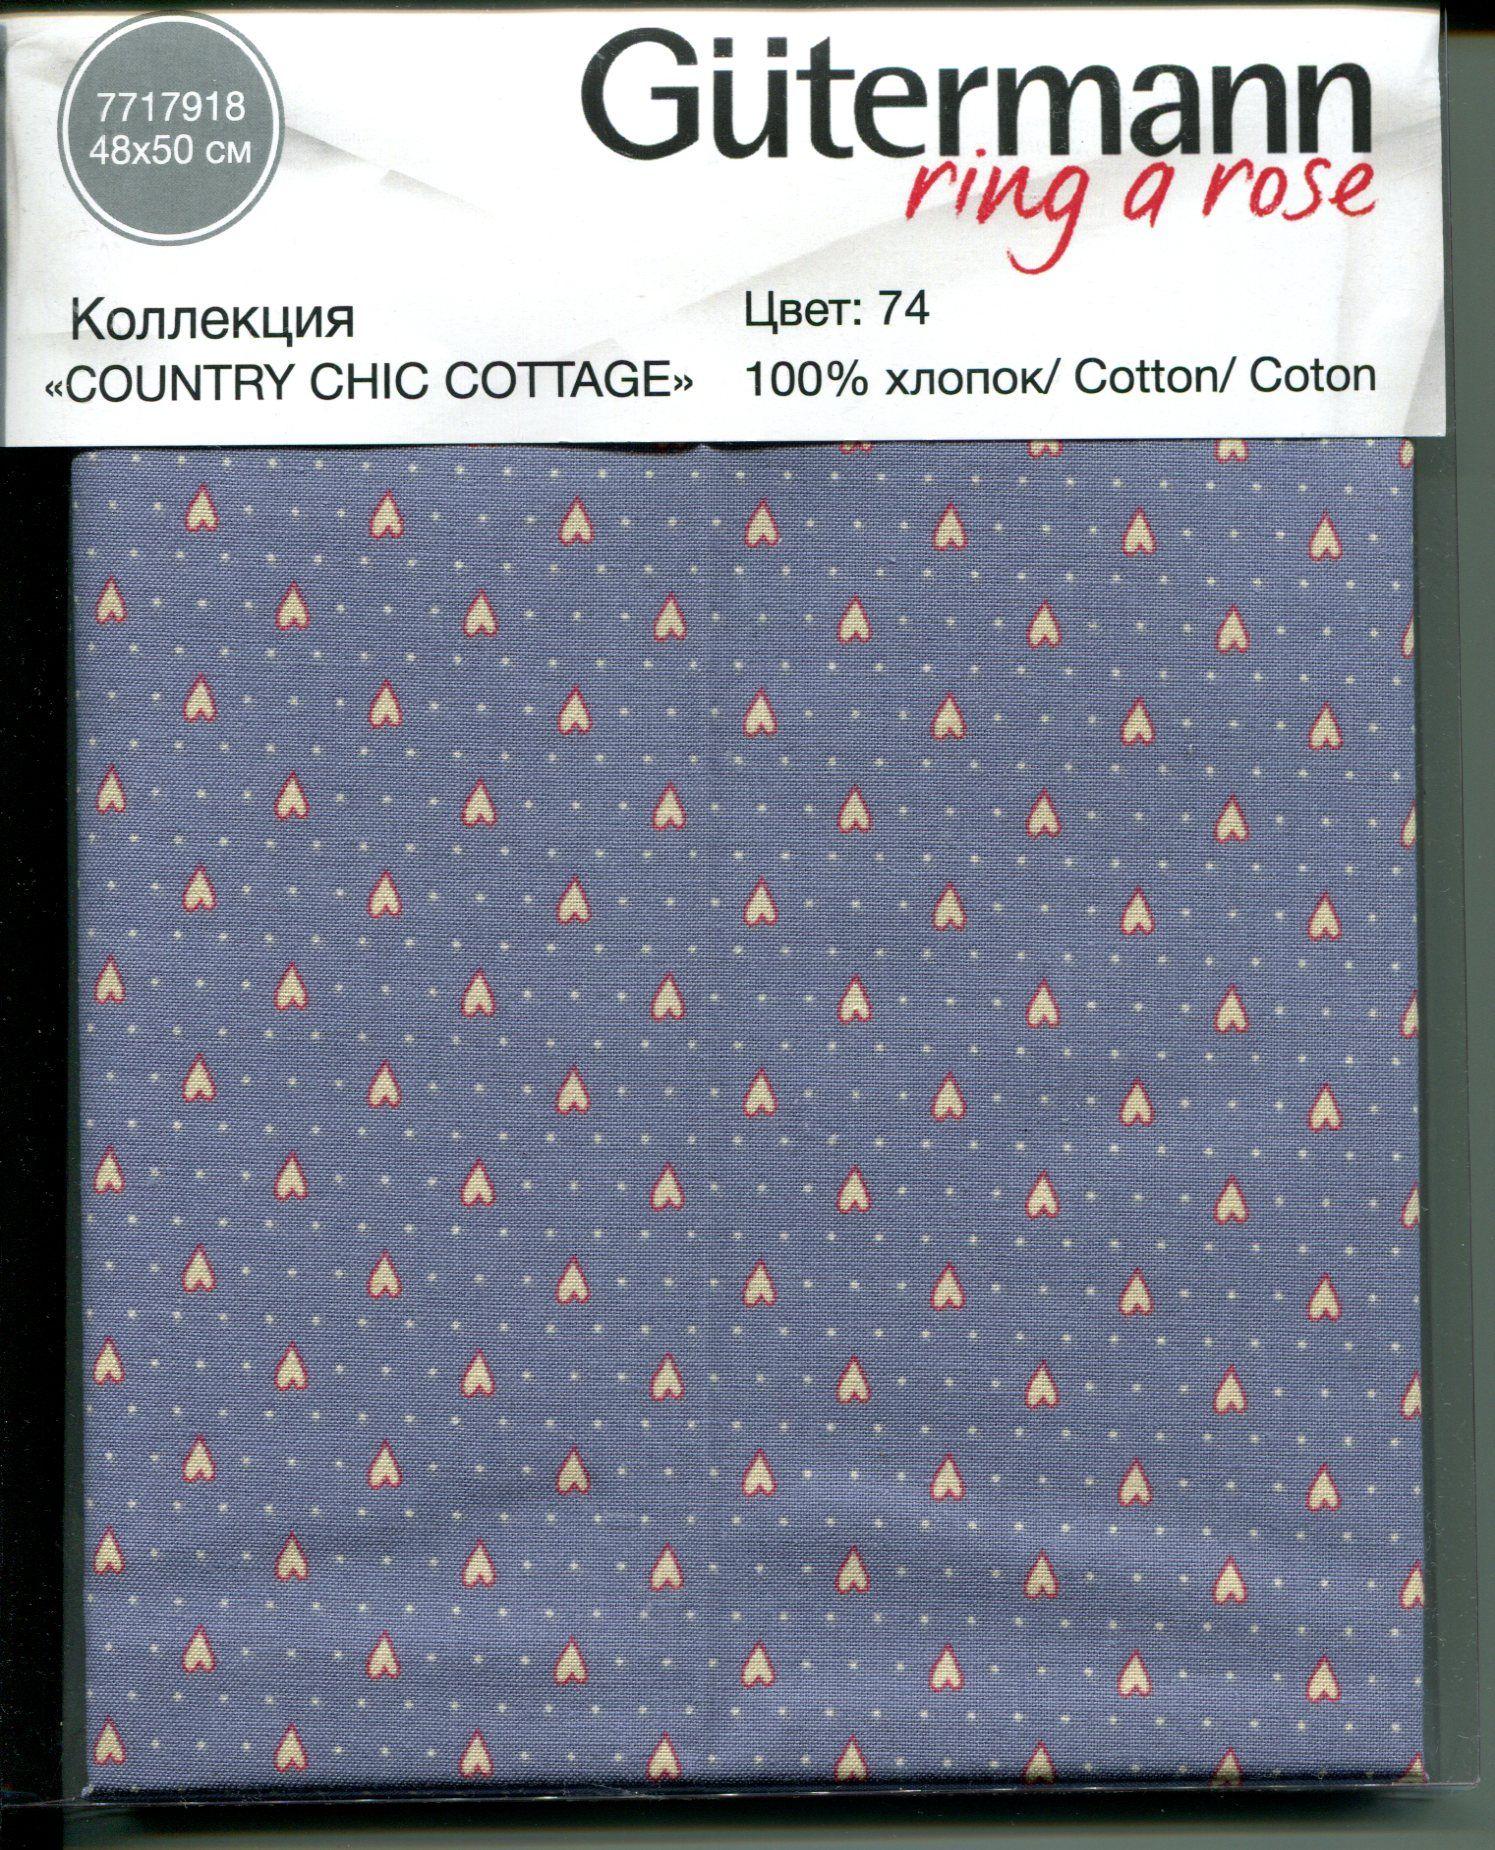 649341 Ткань коллекция 'Country Chic Cottage', 48х50см, 100% хлопок Гутерманн